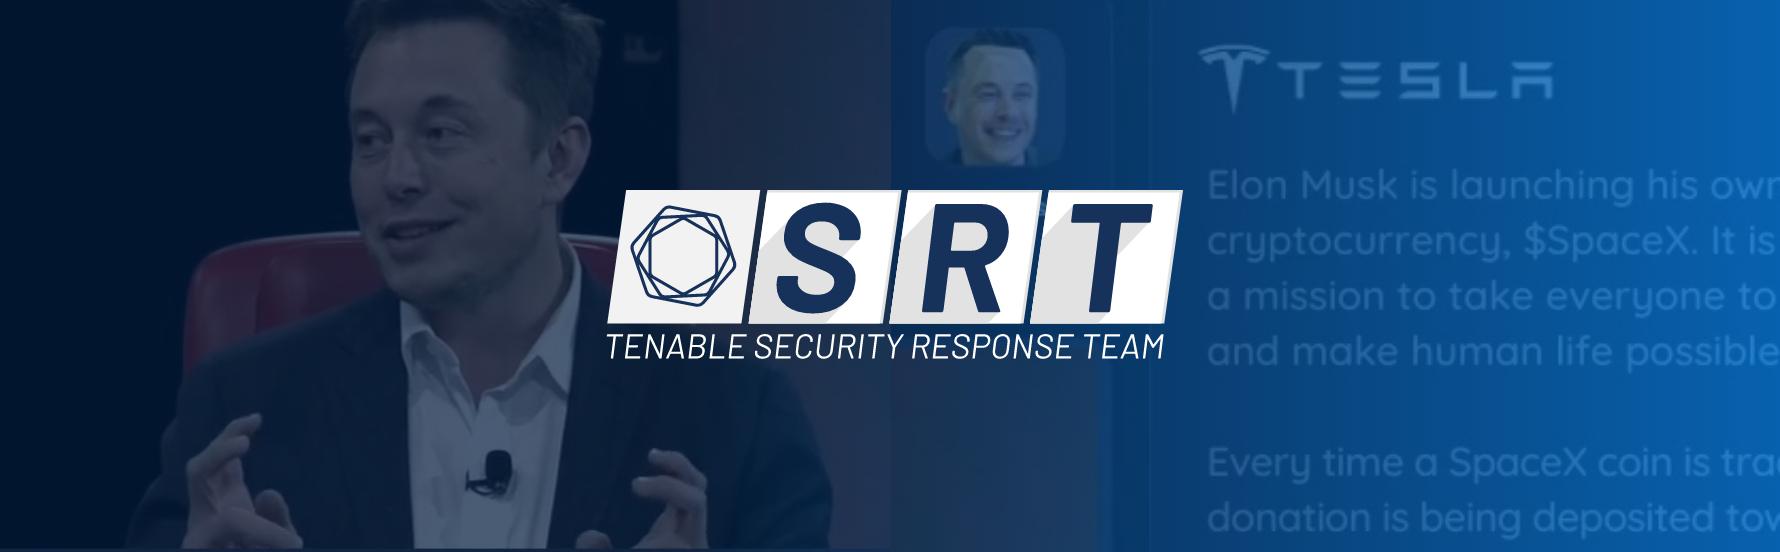 イーロン・マスク氏と YouTube 広告詐欺 :暗号通貨関連の動画で SpaceX と称する偽コイン販促に勧誘